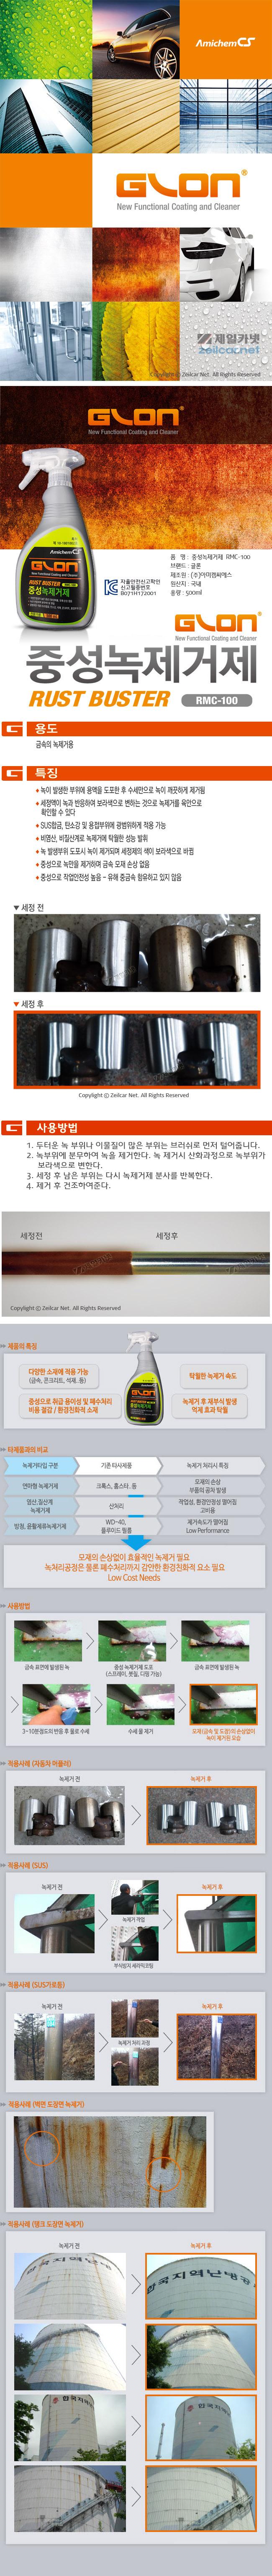 [GLON] 글론 중성 녹제거제,스프레이타입 액상 녹세정제 500ml (RMC-100)